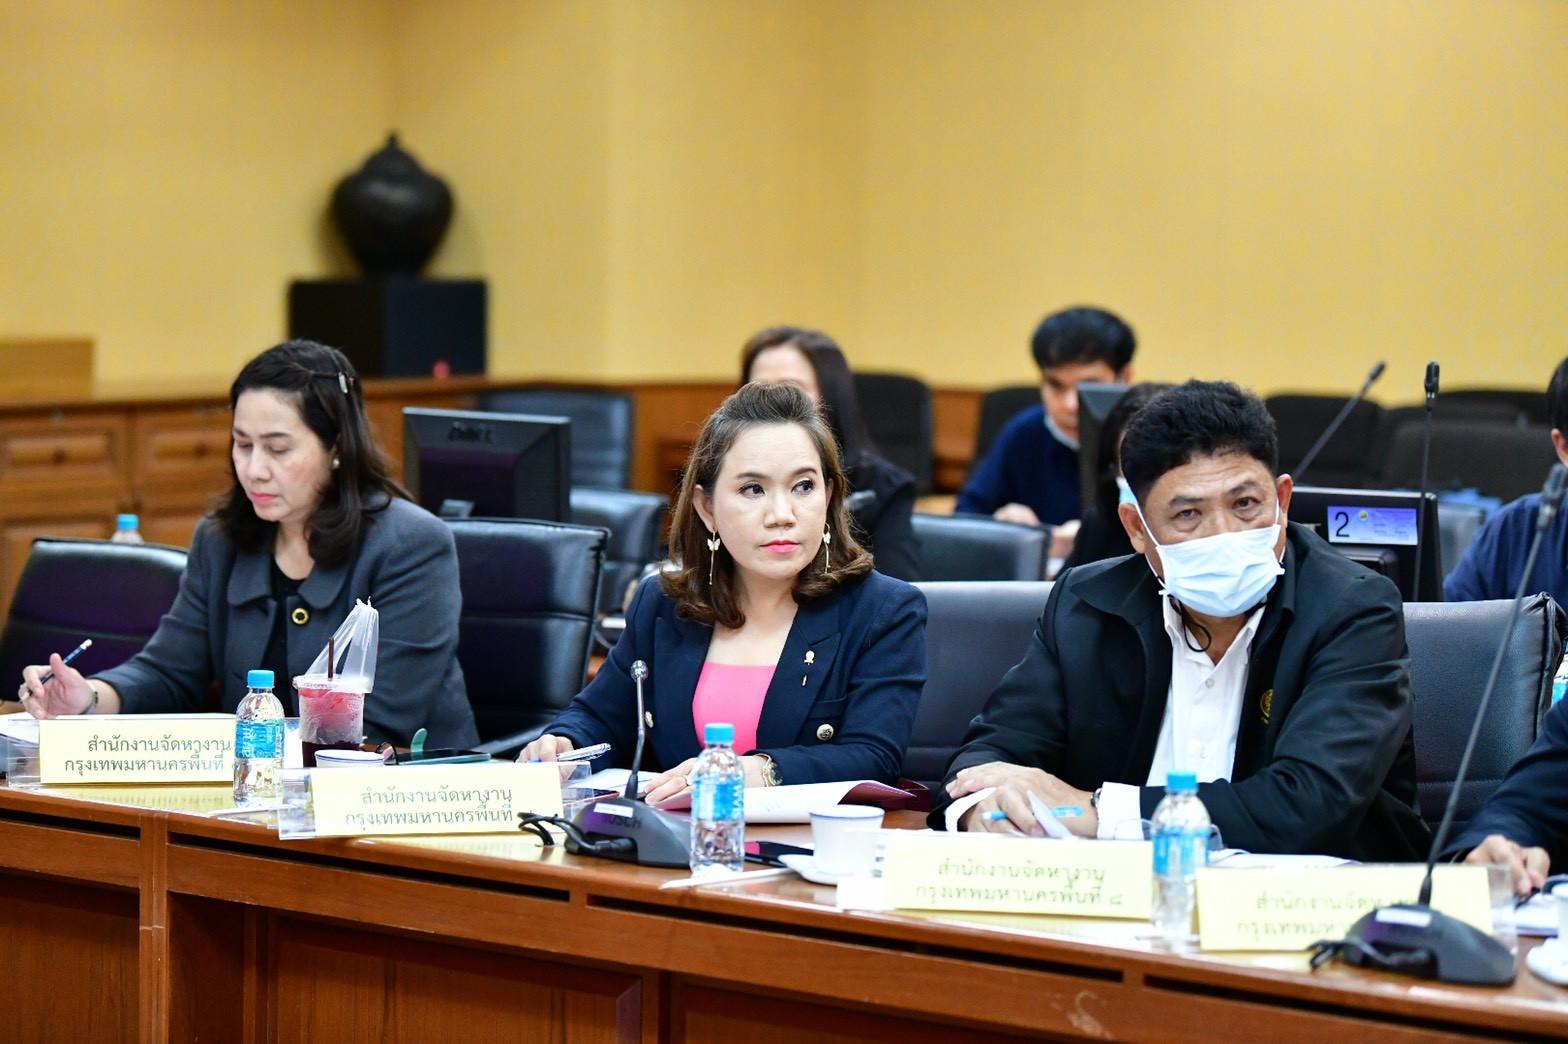 อธิบดีกรมการจัดหางาน ร่วมประชุมคณะกรรมการอำนวยการโครงการส่งเสริมการจ้างงานใหม่สำหรับผู้จบการศึกษาใหม่โดยภาครัฐและภาคเอกชน (Co-Payment) ครั้งที่ 9/2563